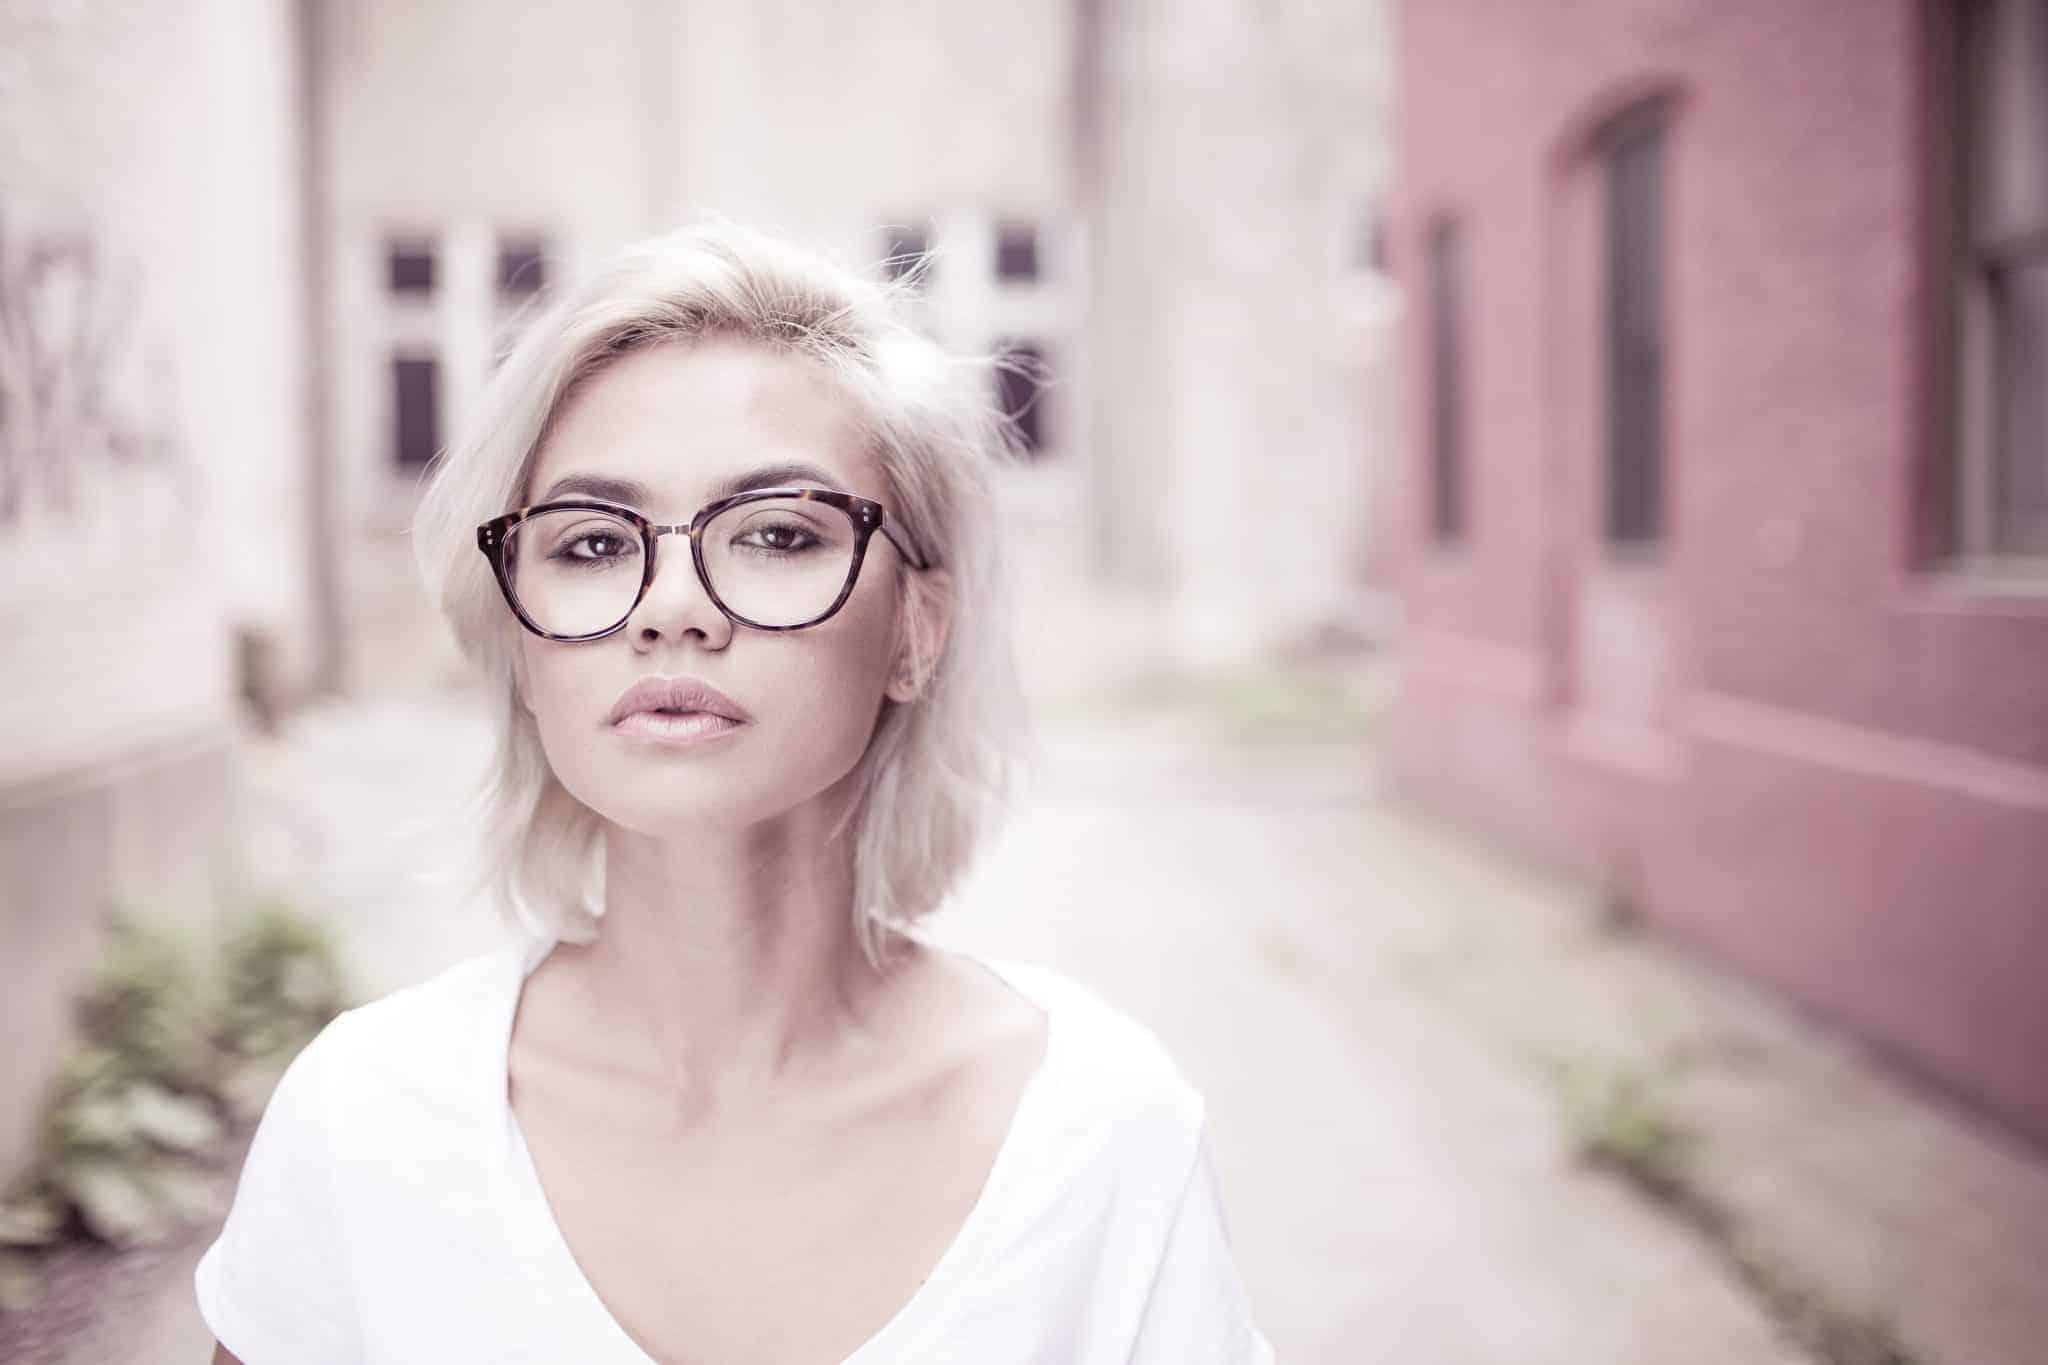 איך לבחור משקפיים שיתאימו למבנה הפנים שלך?